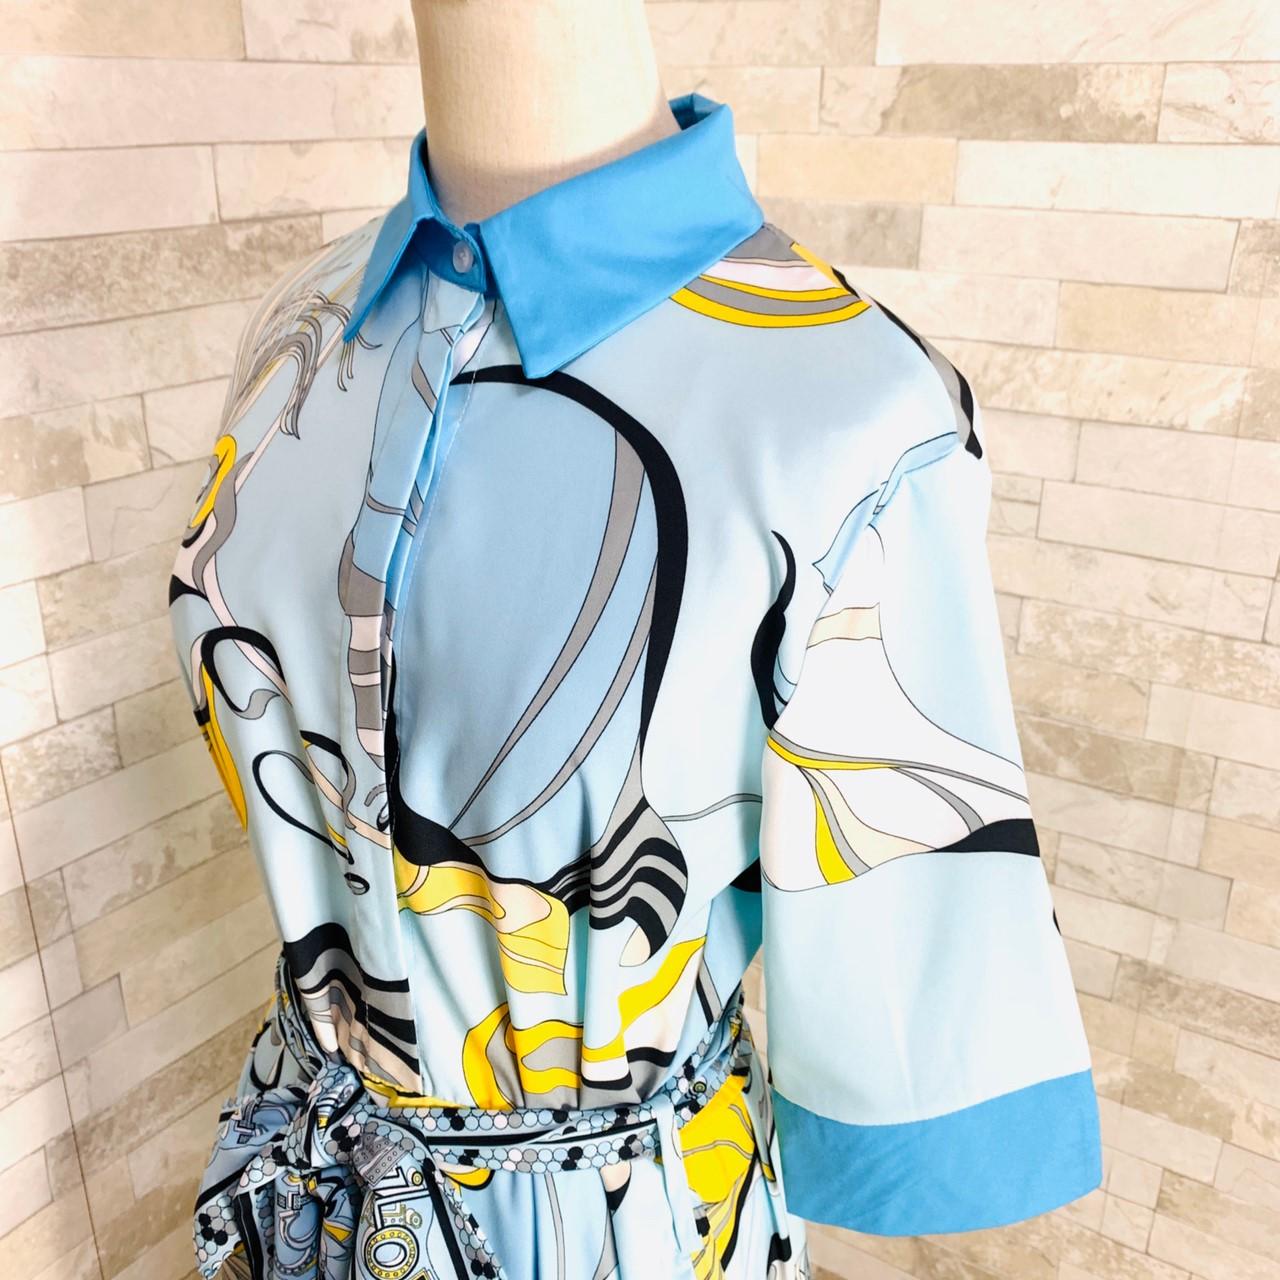 【即納】韓国 ファッション ワンピース パーティードレス ひざ丈 ミディアム 夏 春 パーティー ブライダル SPTXF023 結婚式 お呼ばれ リゾートワンピース ハワイ  二次会 セレブ きれいめの写真15枚目